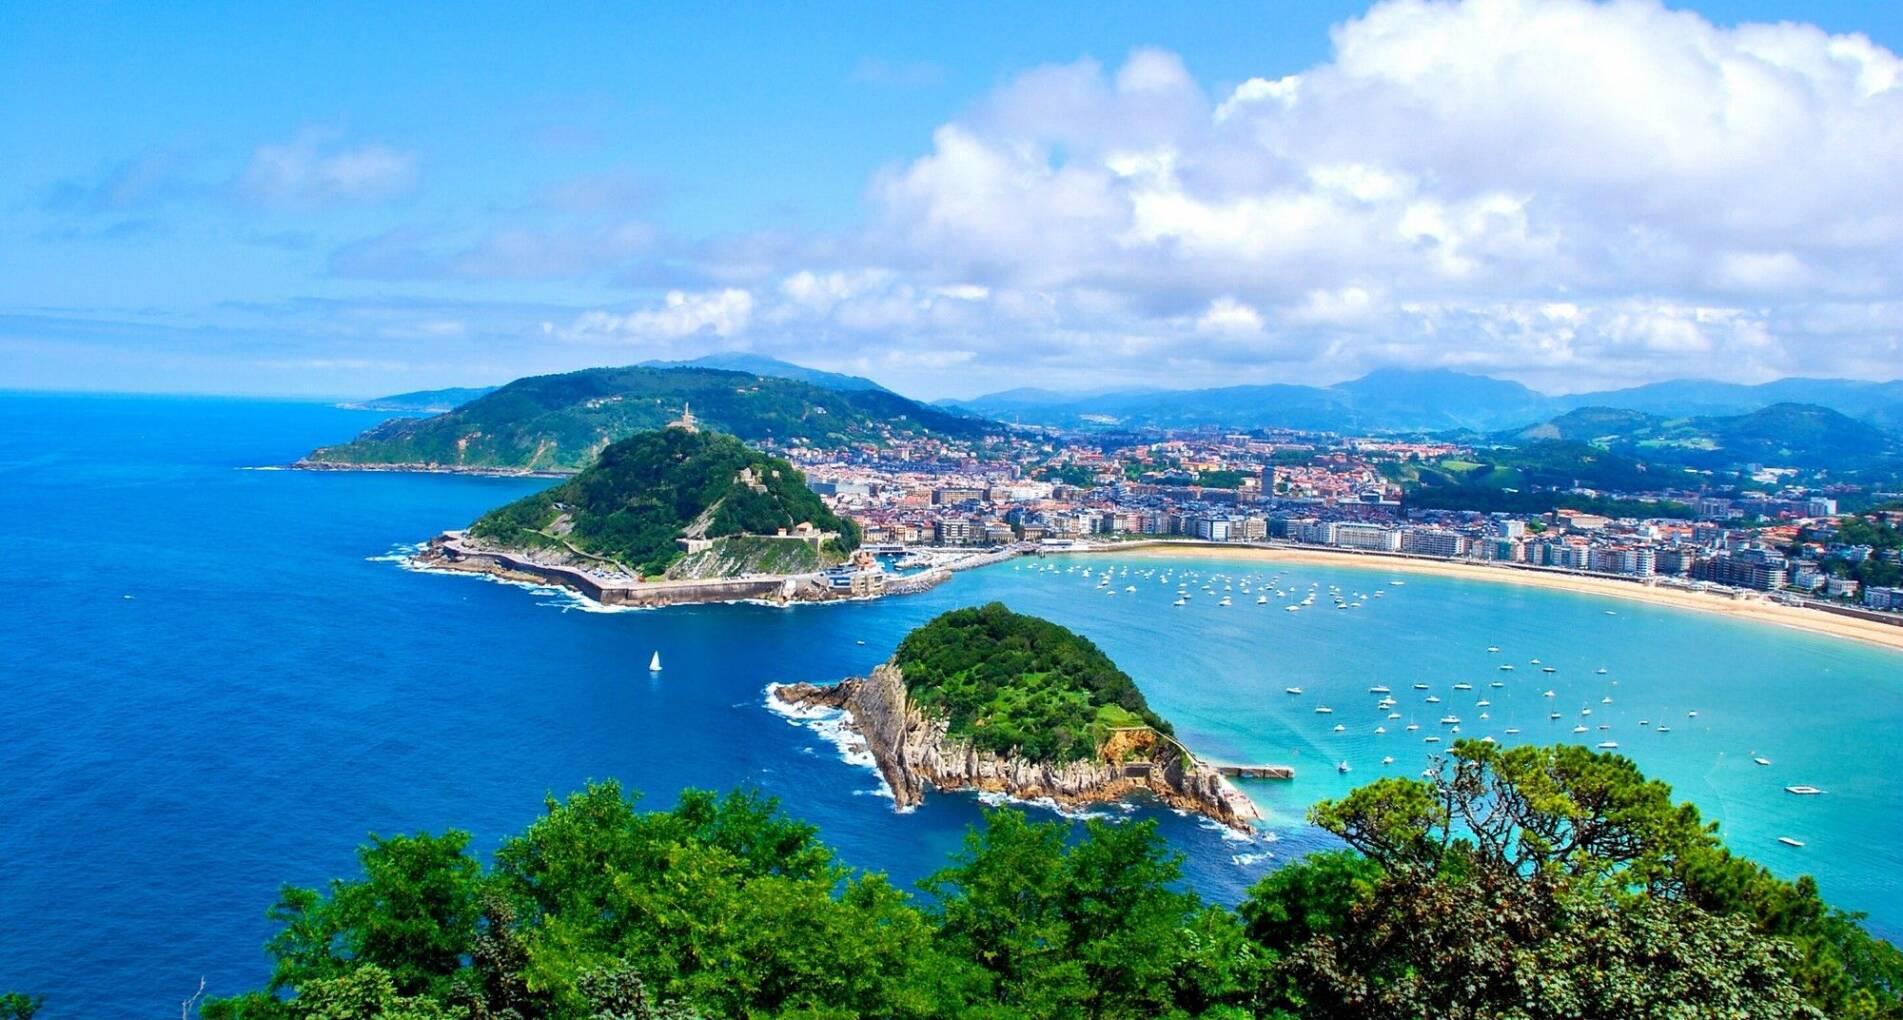 Fly & Drive Spanje en Portugal: van Bilbao naar Porto - Spanje - 1